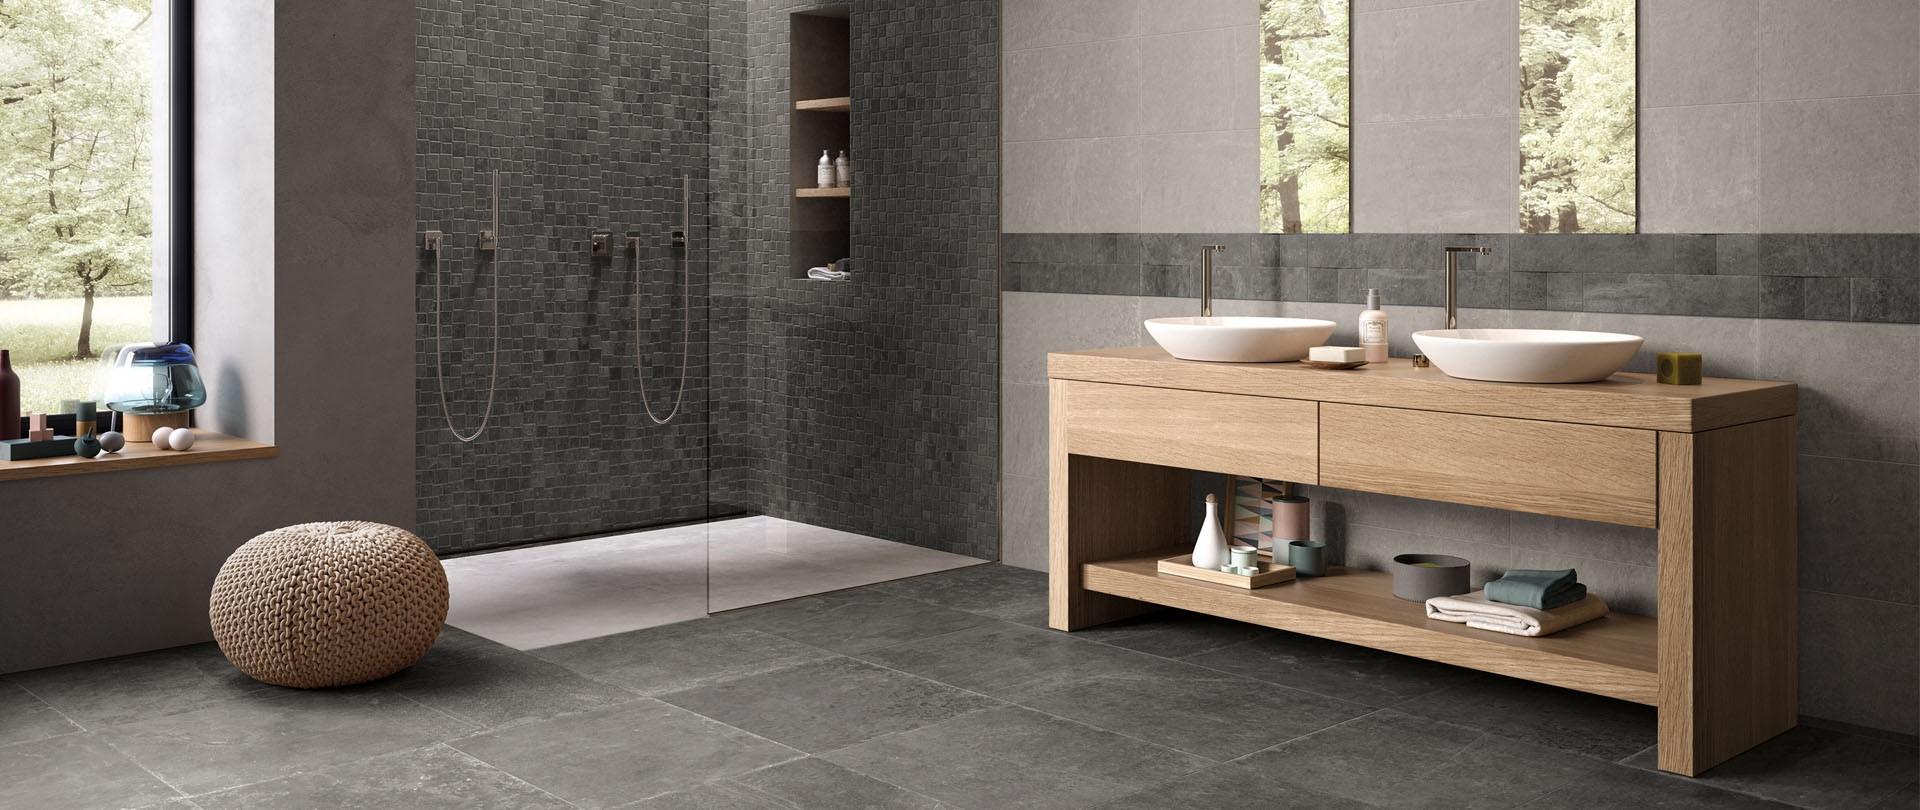 Badkamer met tegels uit de Fusion tegelserie van Douglas & Jones. Fusion Mistique Black met de looks van leisteen. #badkamer #badkamerinspiratie #tegels #badkamertegels #douglasjones